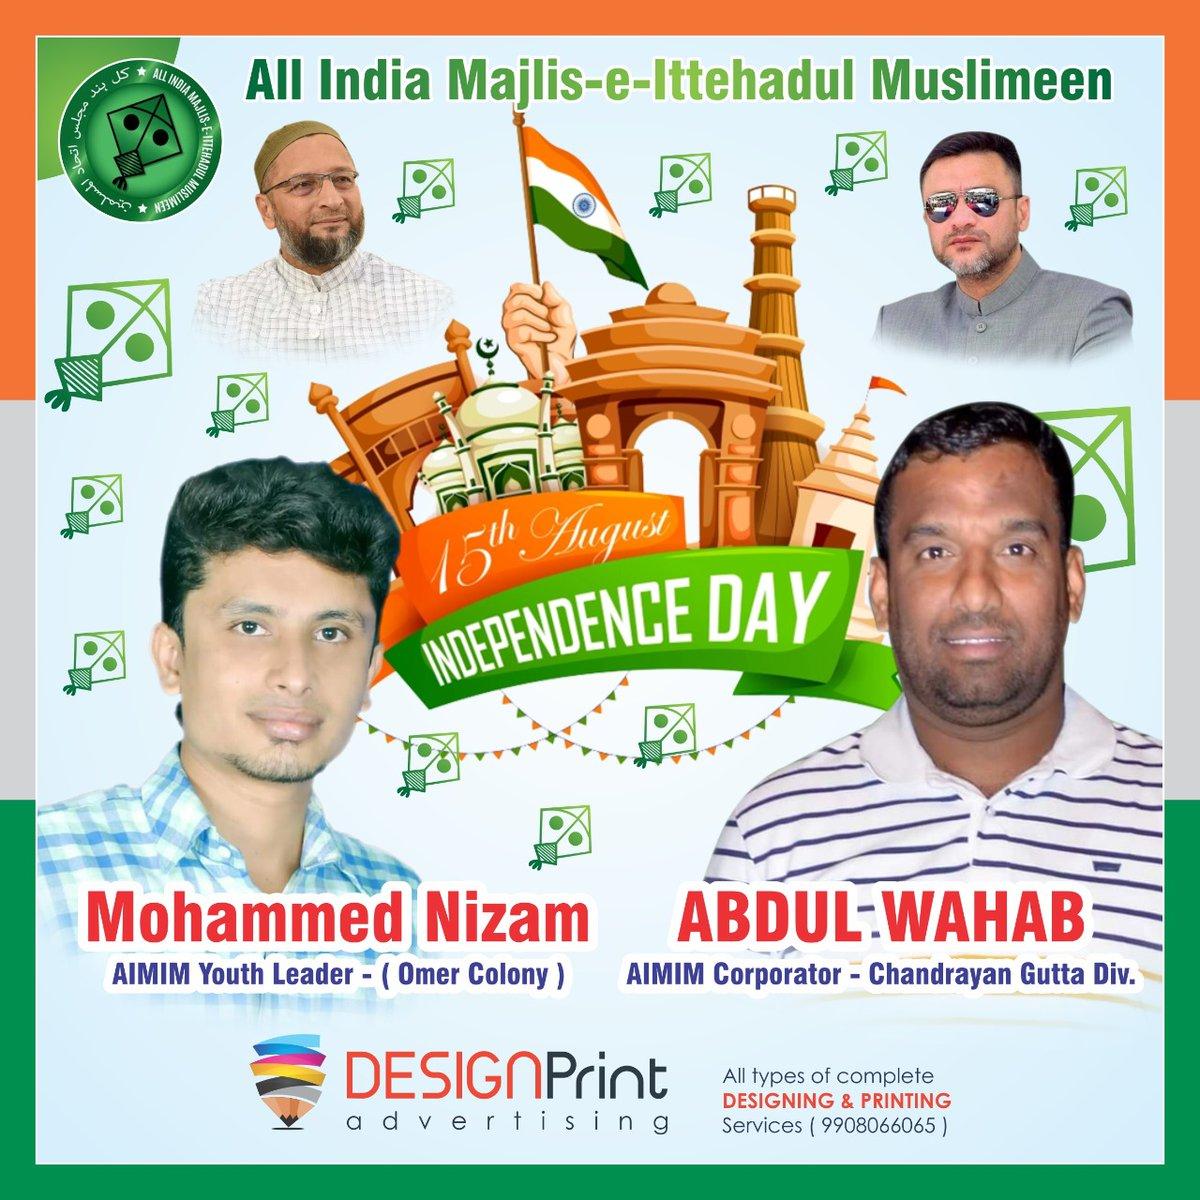 #Islam Mera Deen hai Aur Hind Mera Watan, Na Mai Deen Chod Sakta hu Na Mera Watan.  Saare Jahan Se Accha Hindustan Hamara  #HappyIndependenceDay  #JaiHind  @aimim_national https://t.co/MfZhIQDAns